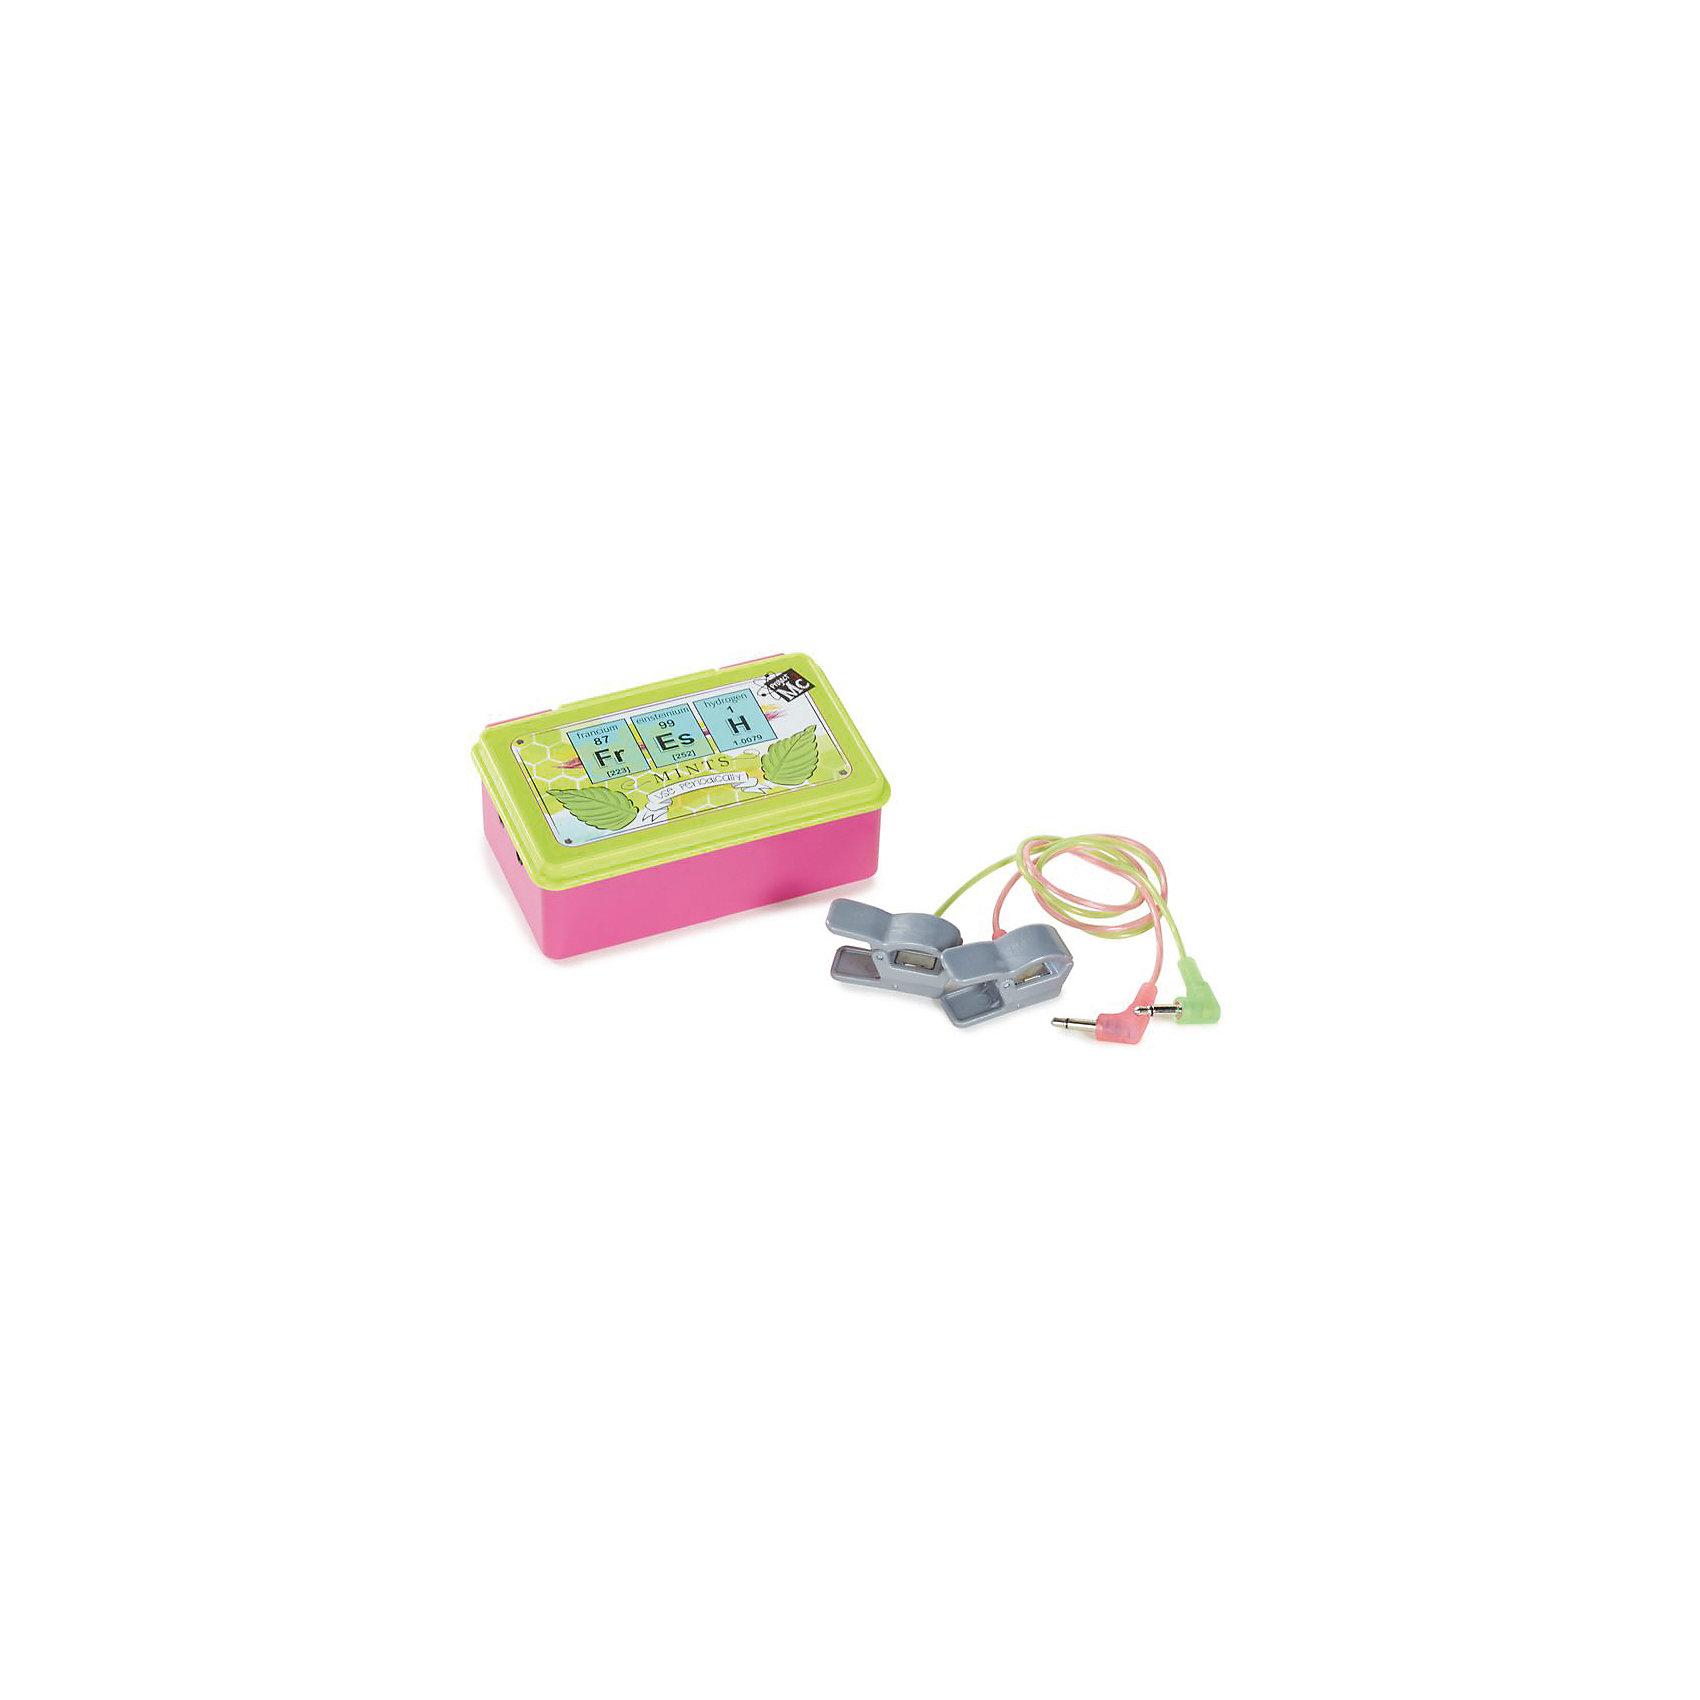 Детектор лжи, Project MС2Сюжетно-ролевые игры<br>Характеристики товара:<br><br>• размер упаковки: 21х26 x 4 см<br>• материал: пластик<br>• комплектация: детектор лжи, 2 электрода<br>• световые и звуковые эффекты.<br>• батарейки: 2хAA/LR6 1.5V (пальчиковые)<br>• возраст: от шести лет<br>• страна бренда: США<br>• страна производства: Китай<br><br>Набор для определения правды, выглядящий почти как настоящий, - желанный подарок для ребенка! Комплект очень качественно выполнен, отлично детализирован, благодаря функциональности предметов в наборе с ним можно придумать множество игр! С таким комплектом девочка сможет весело и с пользой провести время! Детектор лжи оснащен звуковыми и световыми эффектами, он реагирует на увлажнение пальцев, но также можно незаметно нажимать кнопки Правда и Ложь!<br>Подобные игры помогают детям развивать важные социальные навыки и способности, они активизируют мышление, логику, развивают мелкую моторику и воображение, помогает проработать сценарии взаимодействия с людьми. Изделие производится из качественных сертифицированных материалов, безопасных даже для самых маленьких.<br><br>Детектор лжи от бренда Project MС2 можно купить в нашем интернет-магазине.<br><br>Ширина мм: 210<br>Глубина мм: 260<br>Высота мм: 40<br>Вес г: 363<br>Возраст от месяцев: 36<br>Возраст до месяцев: 2147483647<br>Пол: Женский<br>Возраст: Детский<br>SKU: 5224461